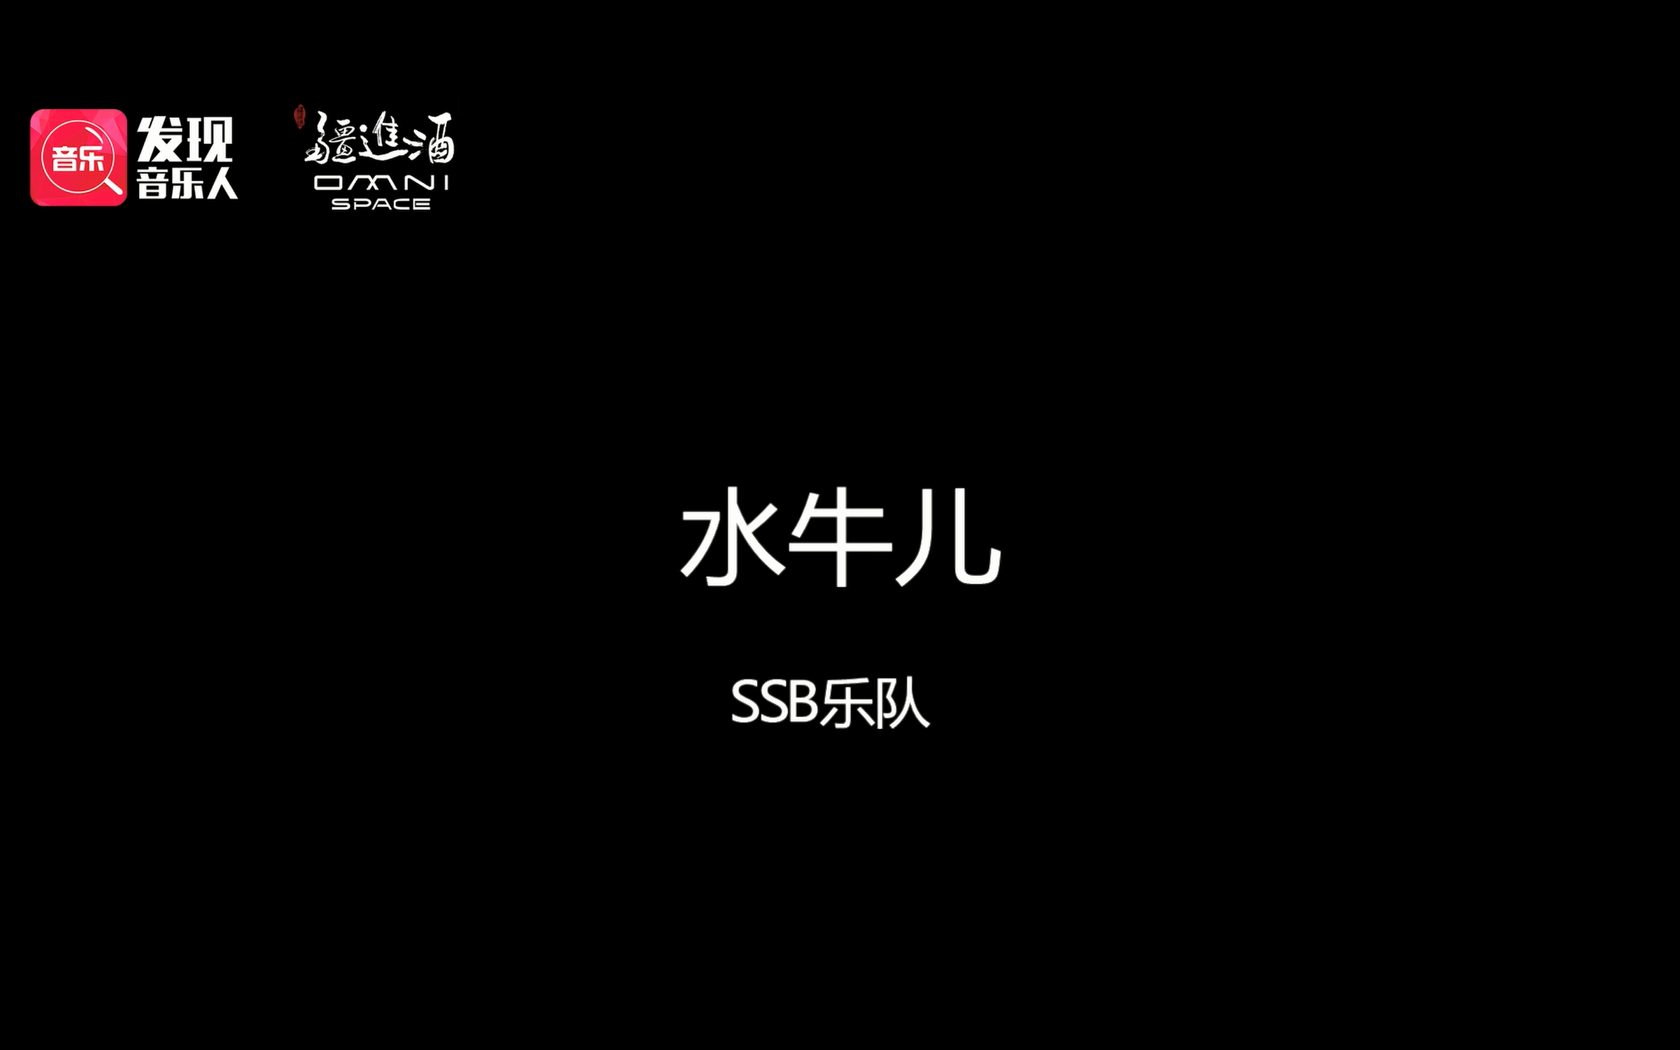 水牛儿-SSB乐队